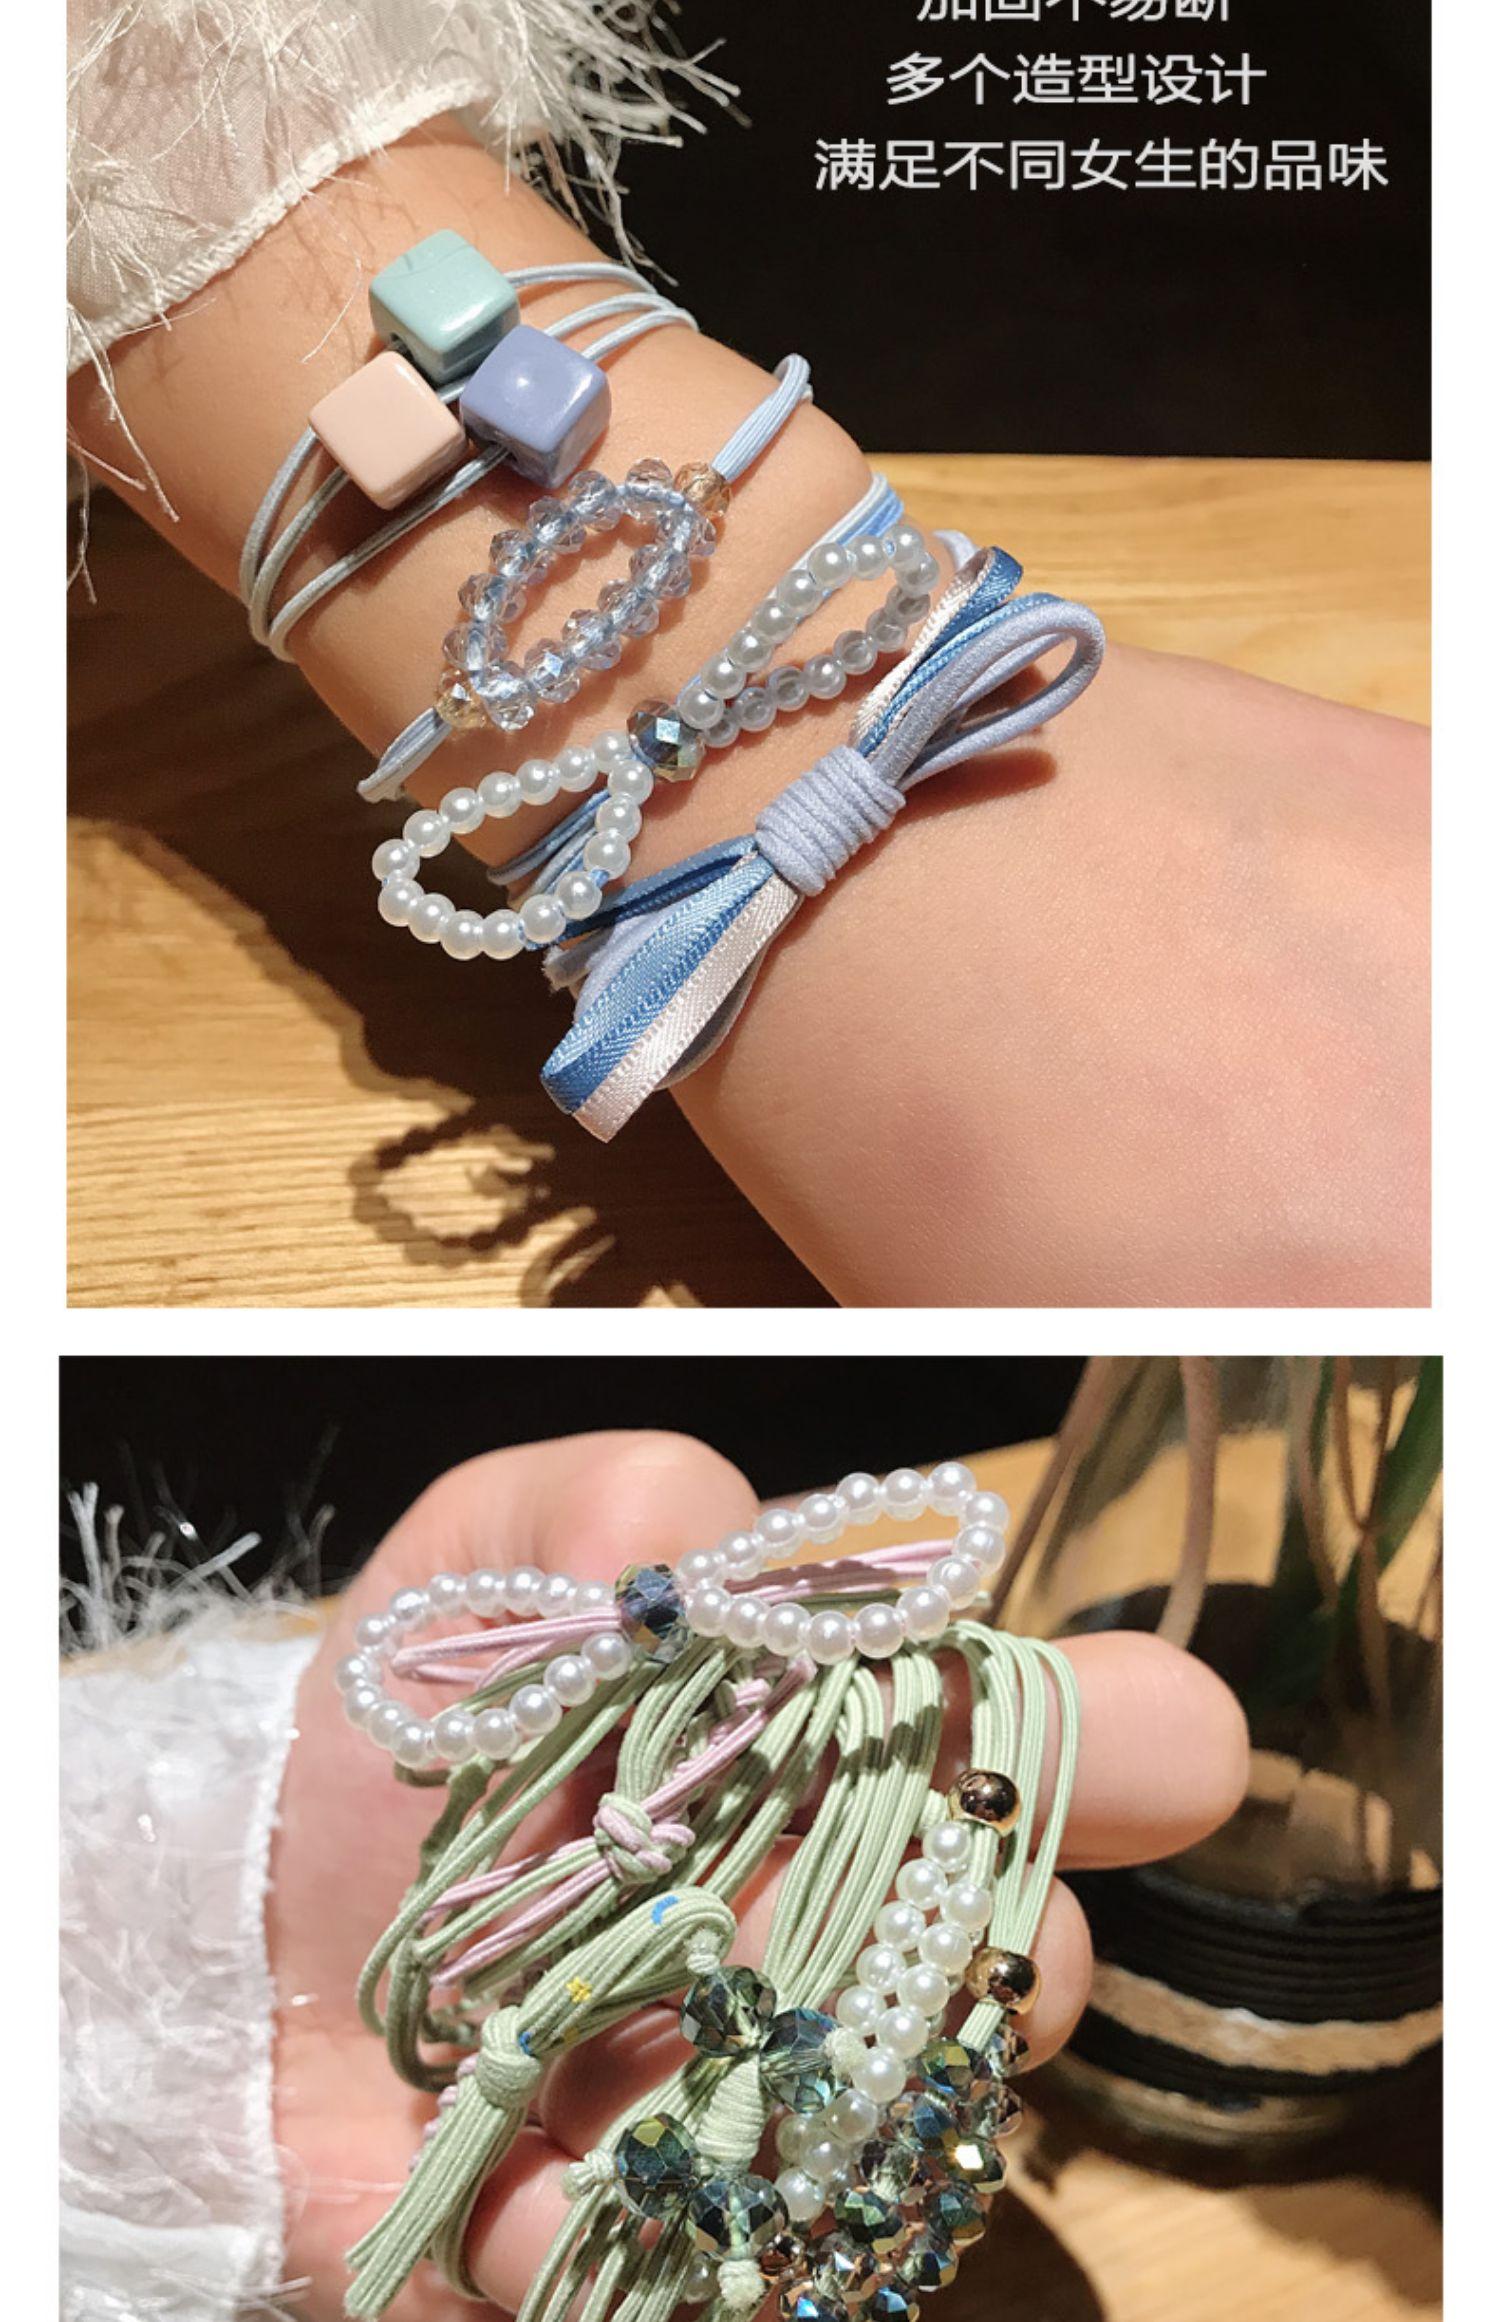 韩国头绳ins可爱少女网红发圈商品图片-3